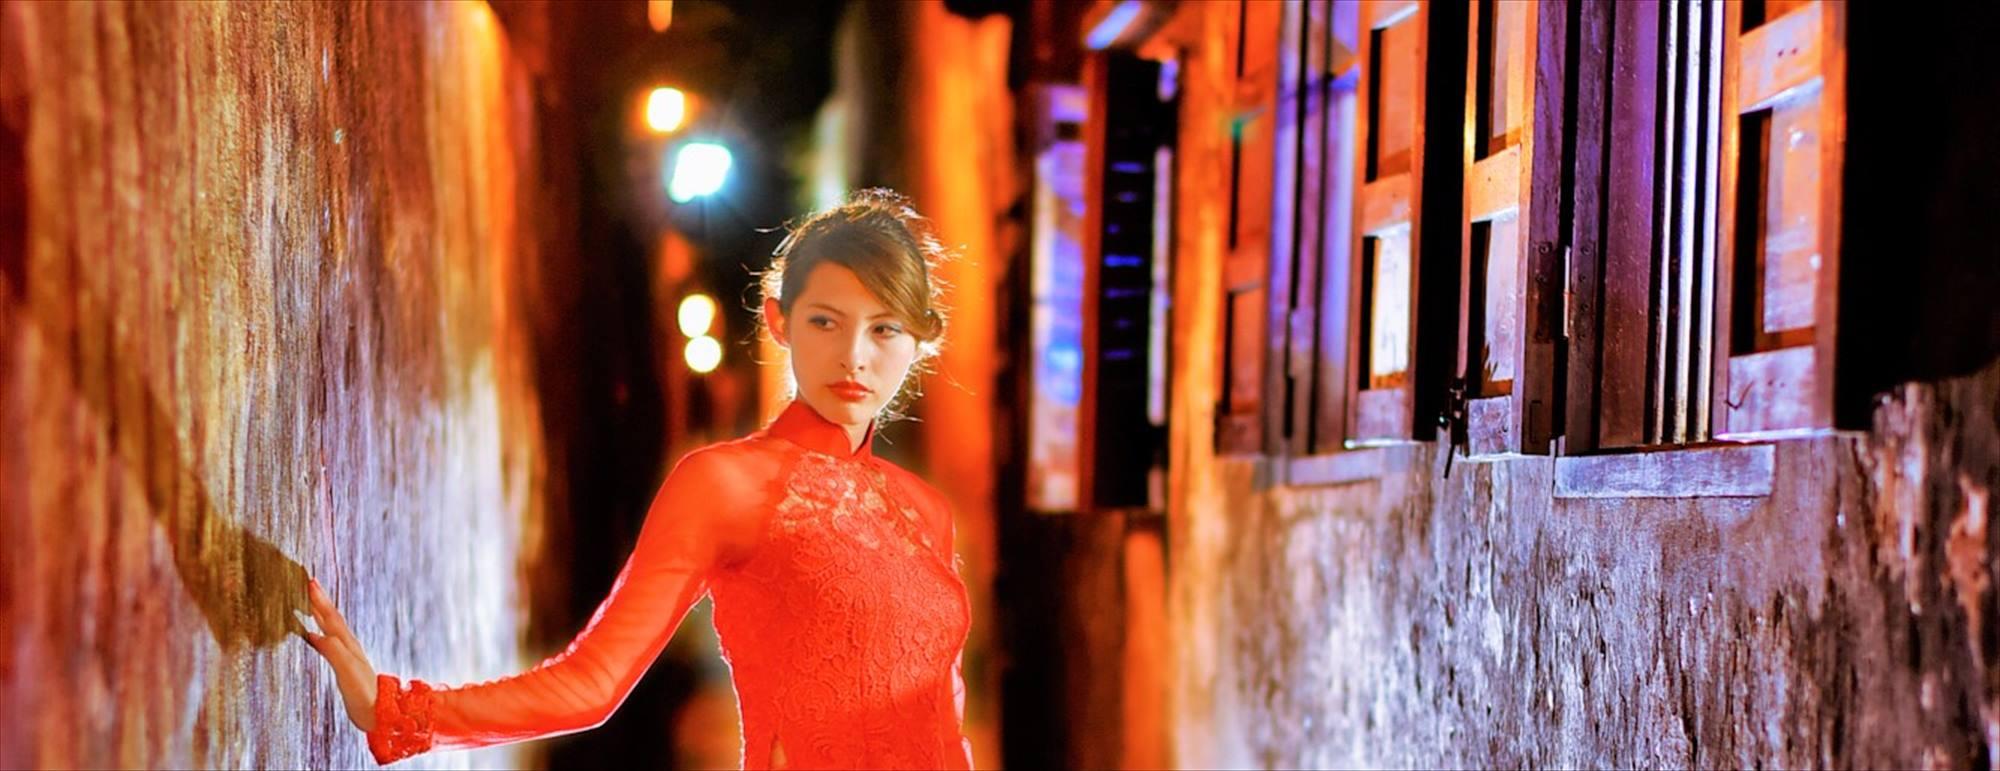 ベトナム・ホイアン・フォトウェディング<br /> Vietnam Hoi An Old Town Photo Wedding<br /> ホイアン旧市街